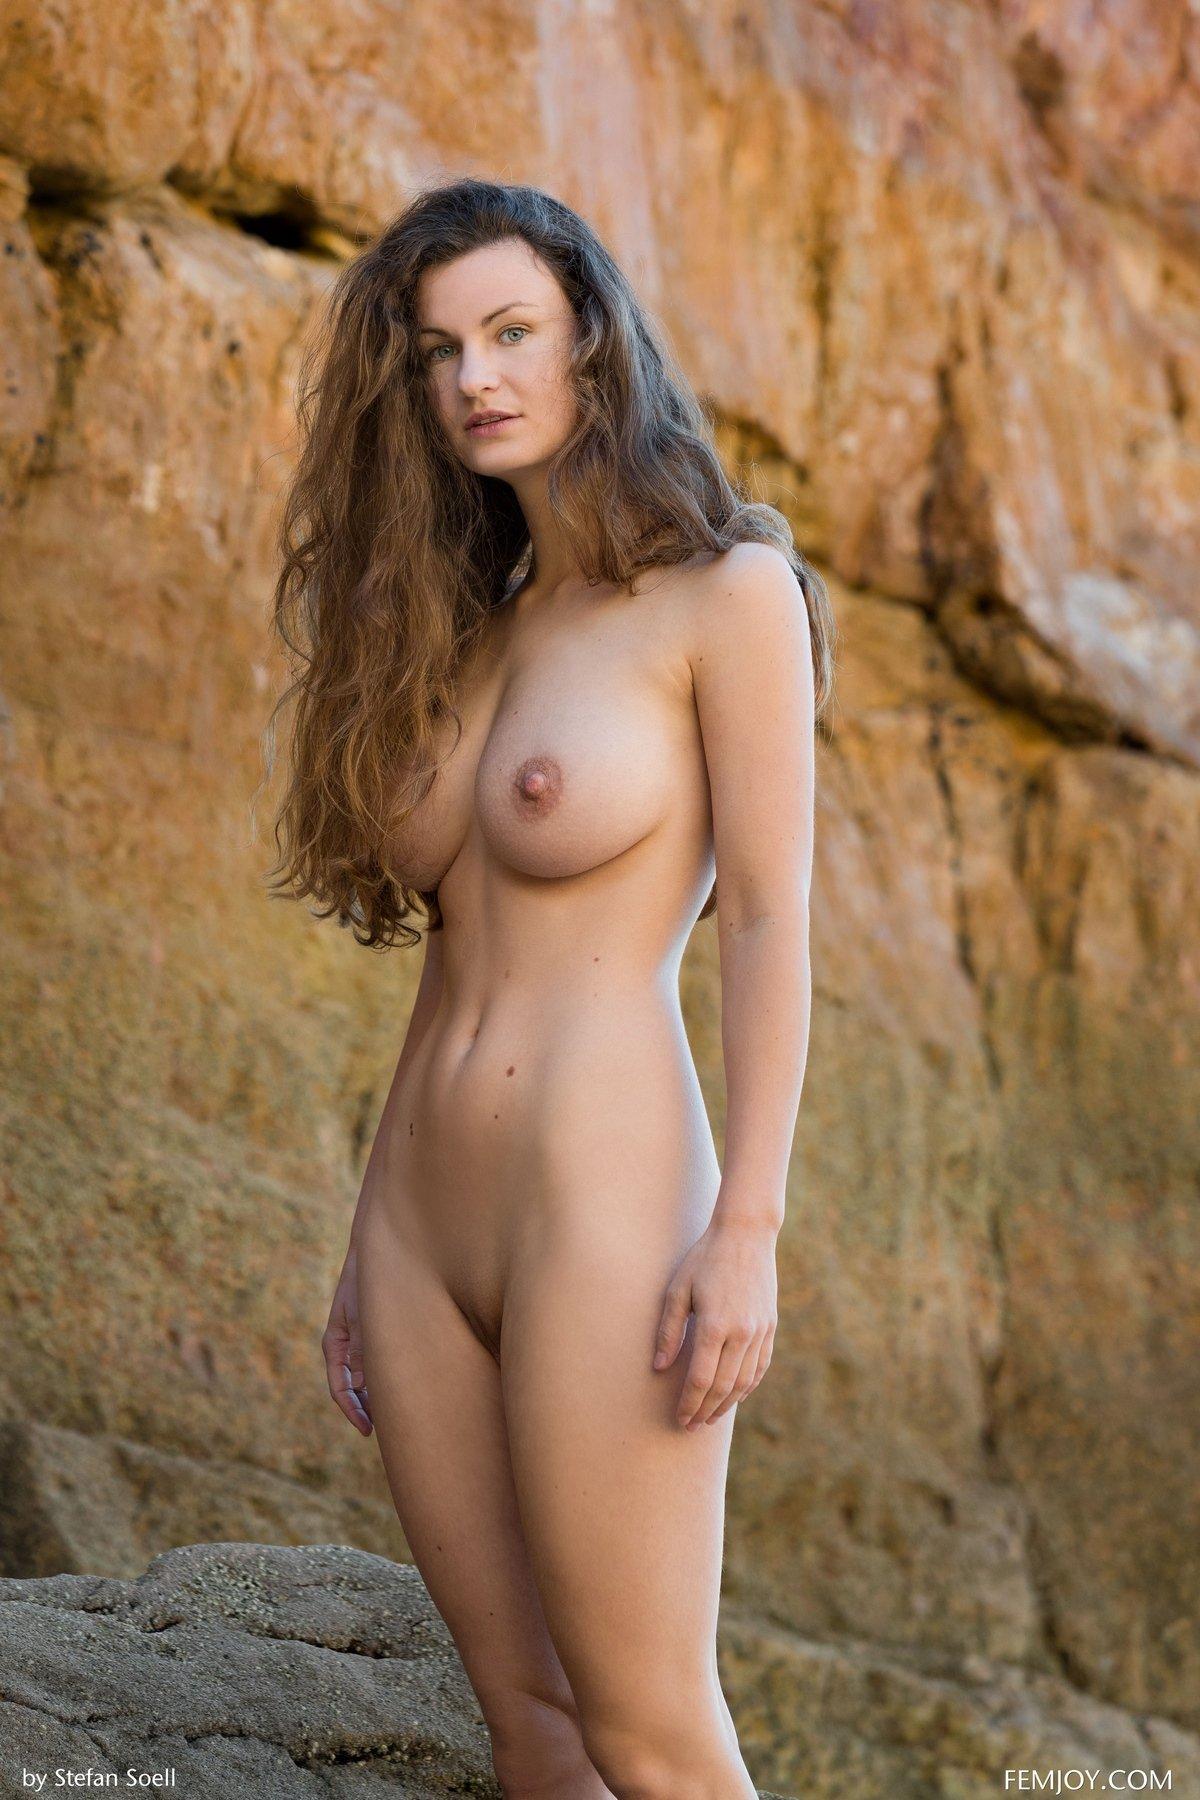 Девица с прекрасными титьками обнаженная около скалы смотреть эротику